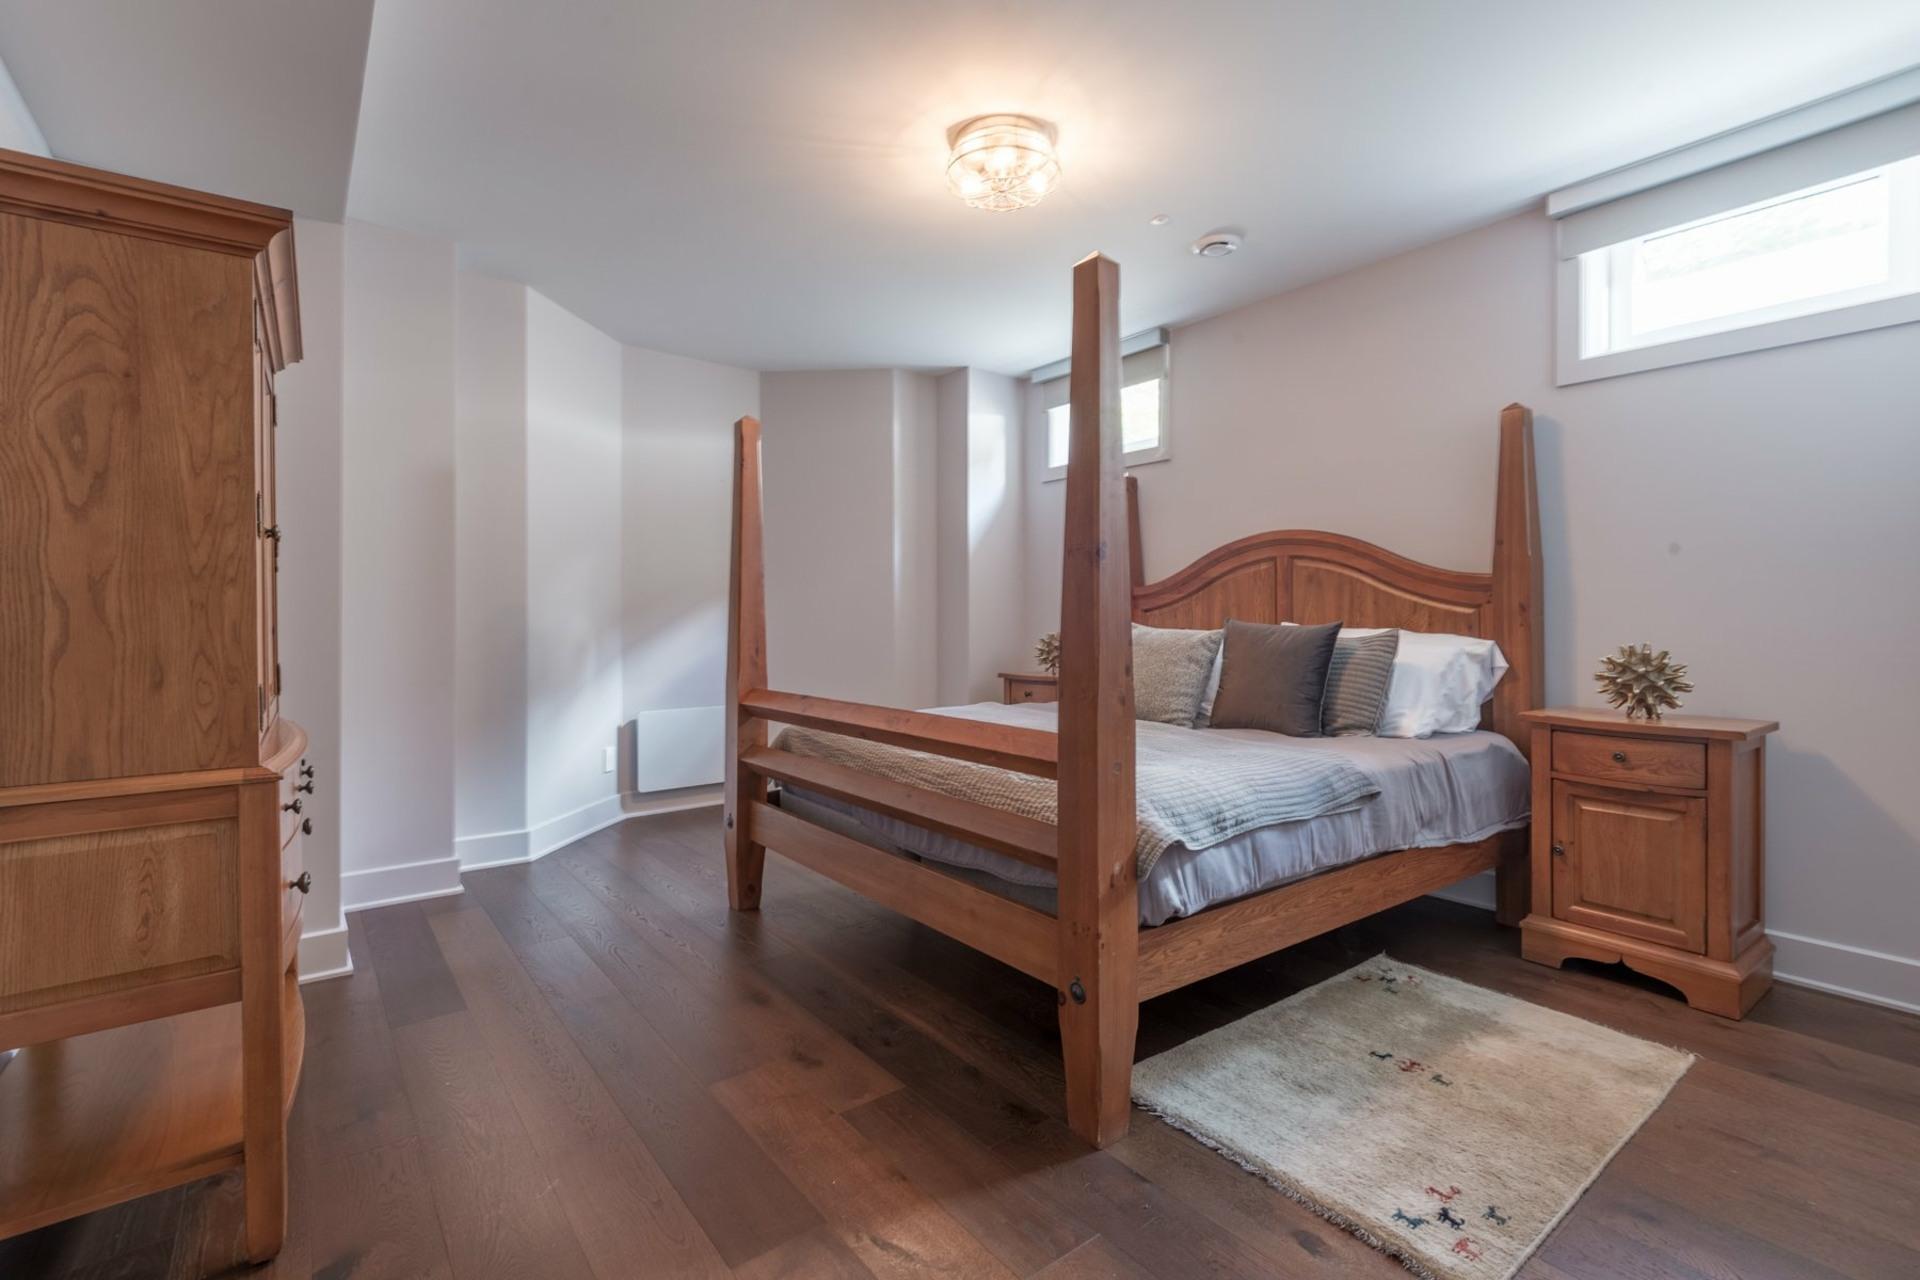 image 35 - Maison À vendre Beaconsfield